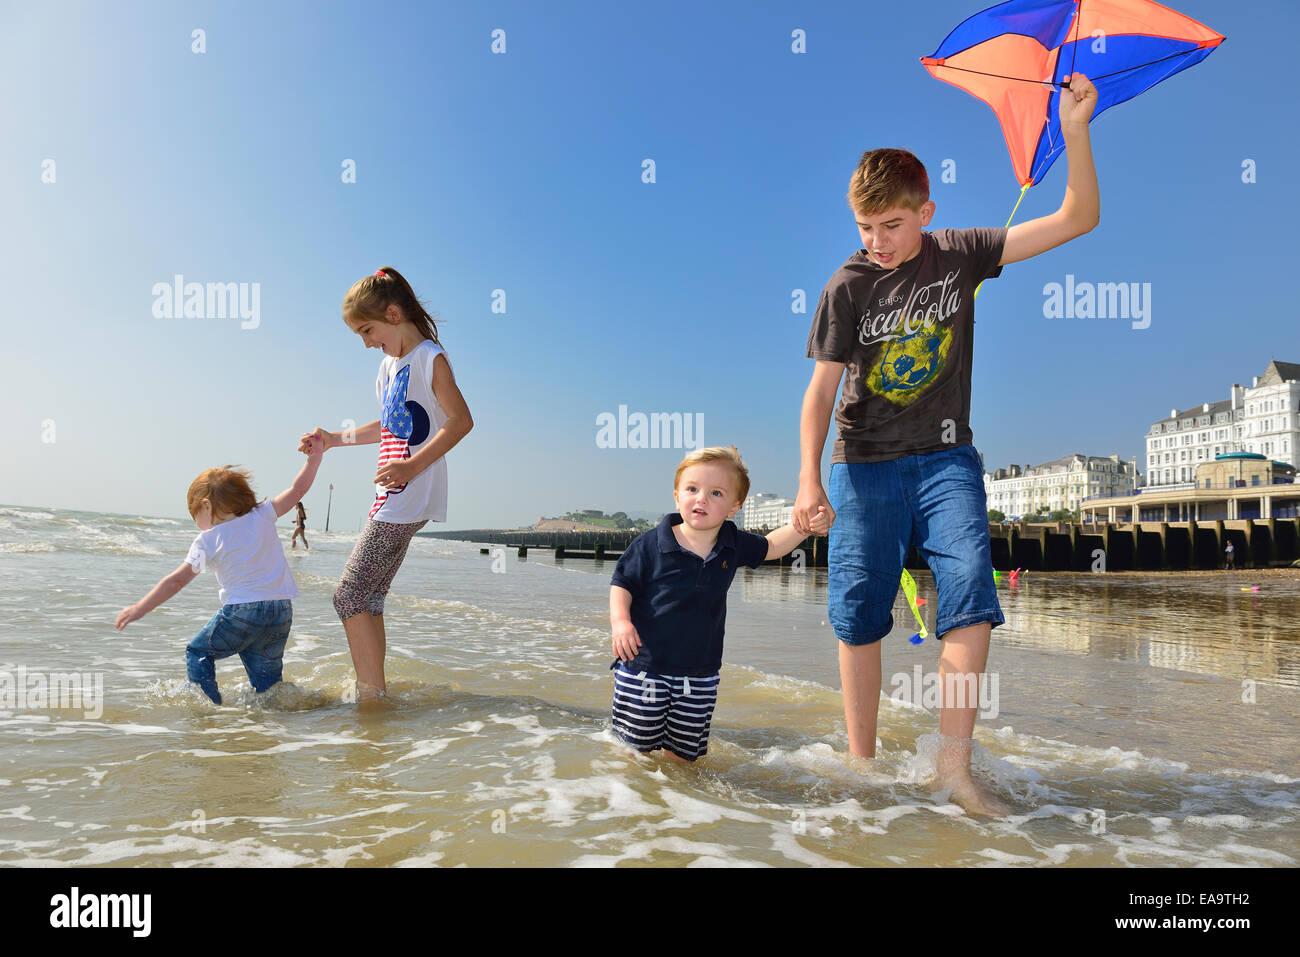 Los niños corriendo por la playa en marea baja. Eastbourne, East Sussex. UK Imagen De Stock